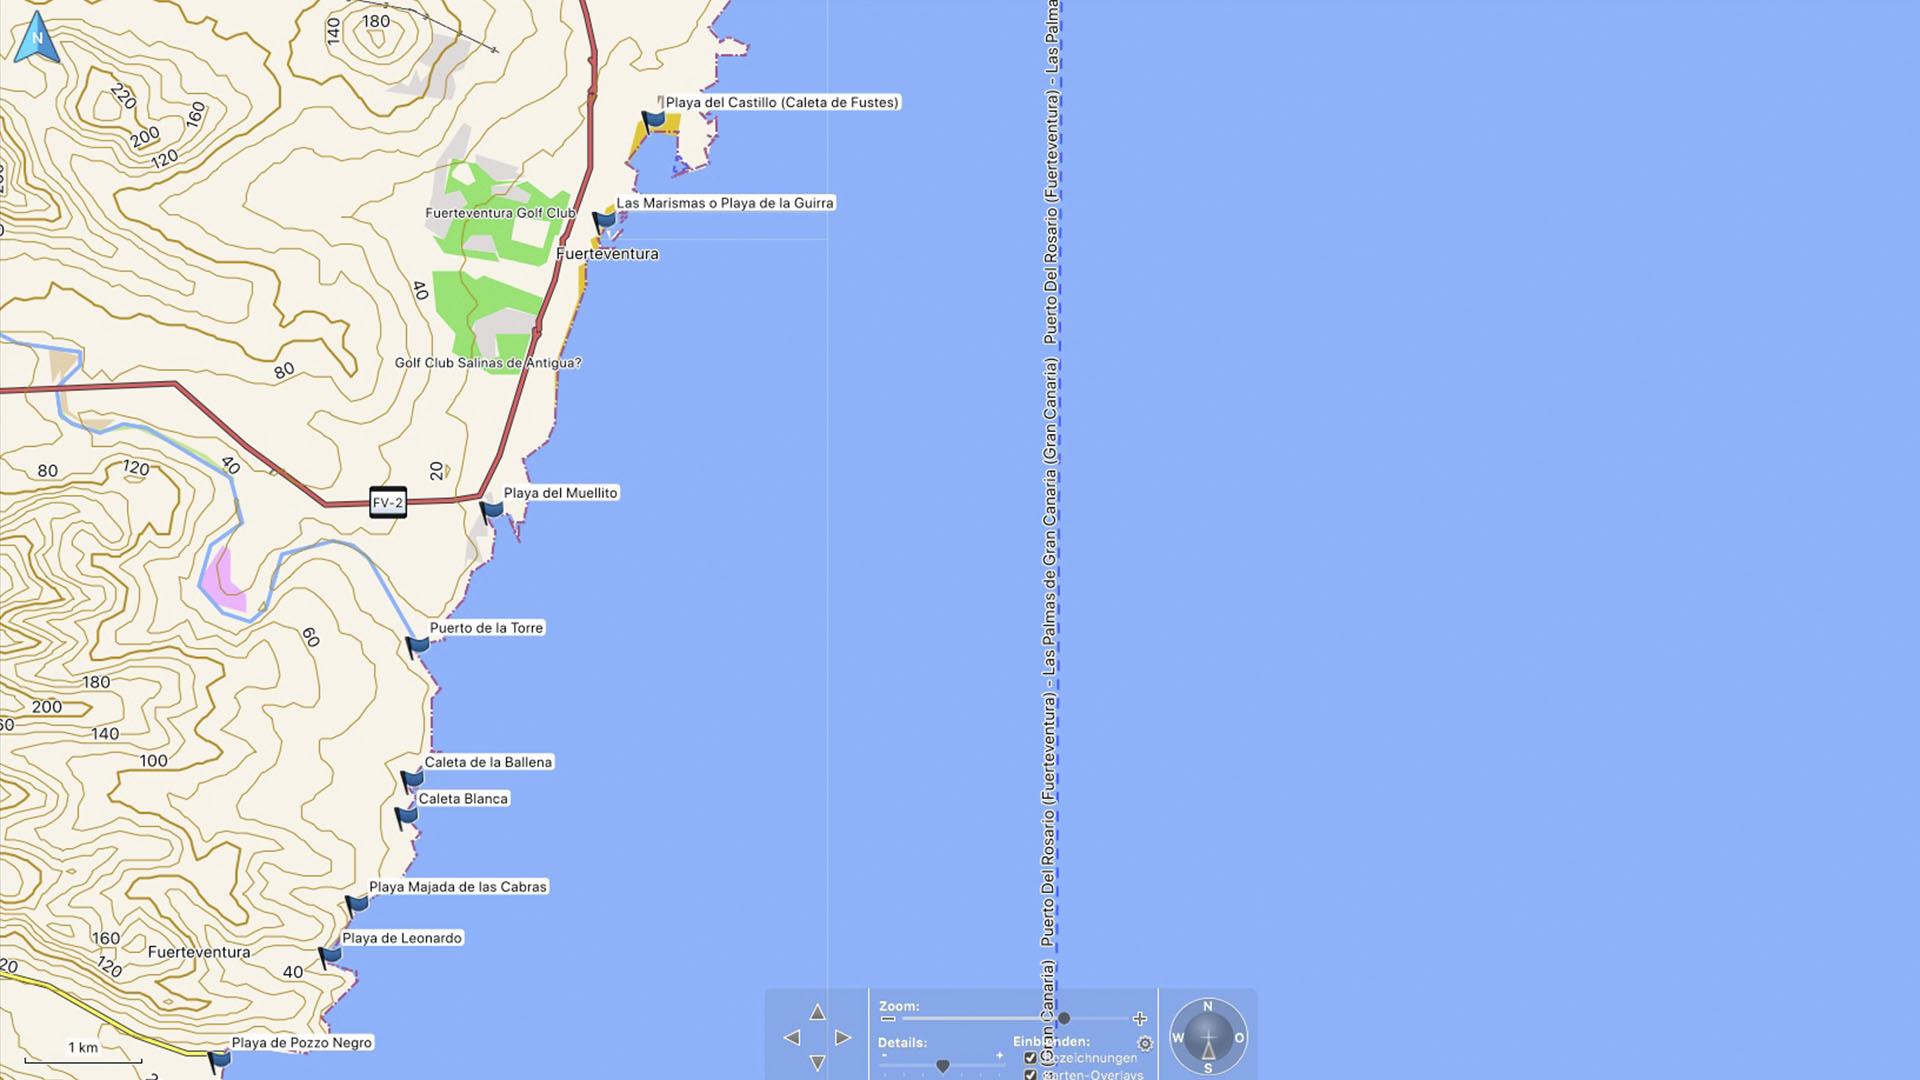 Fuerteventura Karte der Straende: Die Strände Caleta de Fuste –Pozo Negro.